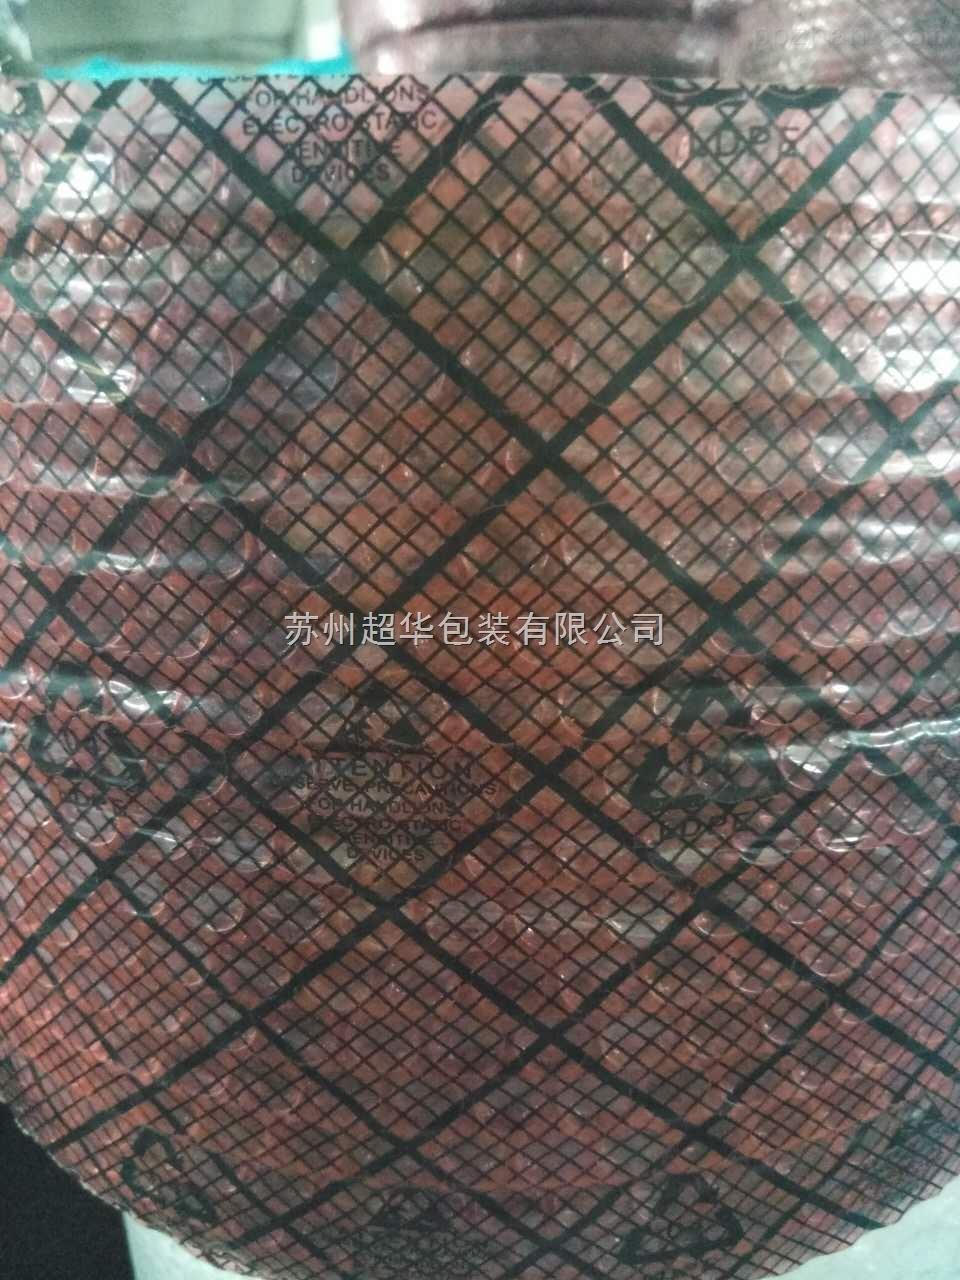 厂家直销导电膜气泡膜 专业定制网格导电气泡袋 缓冲环保